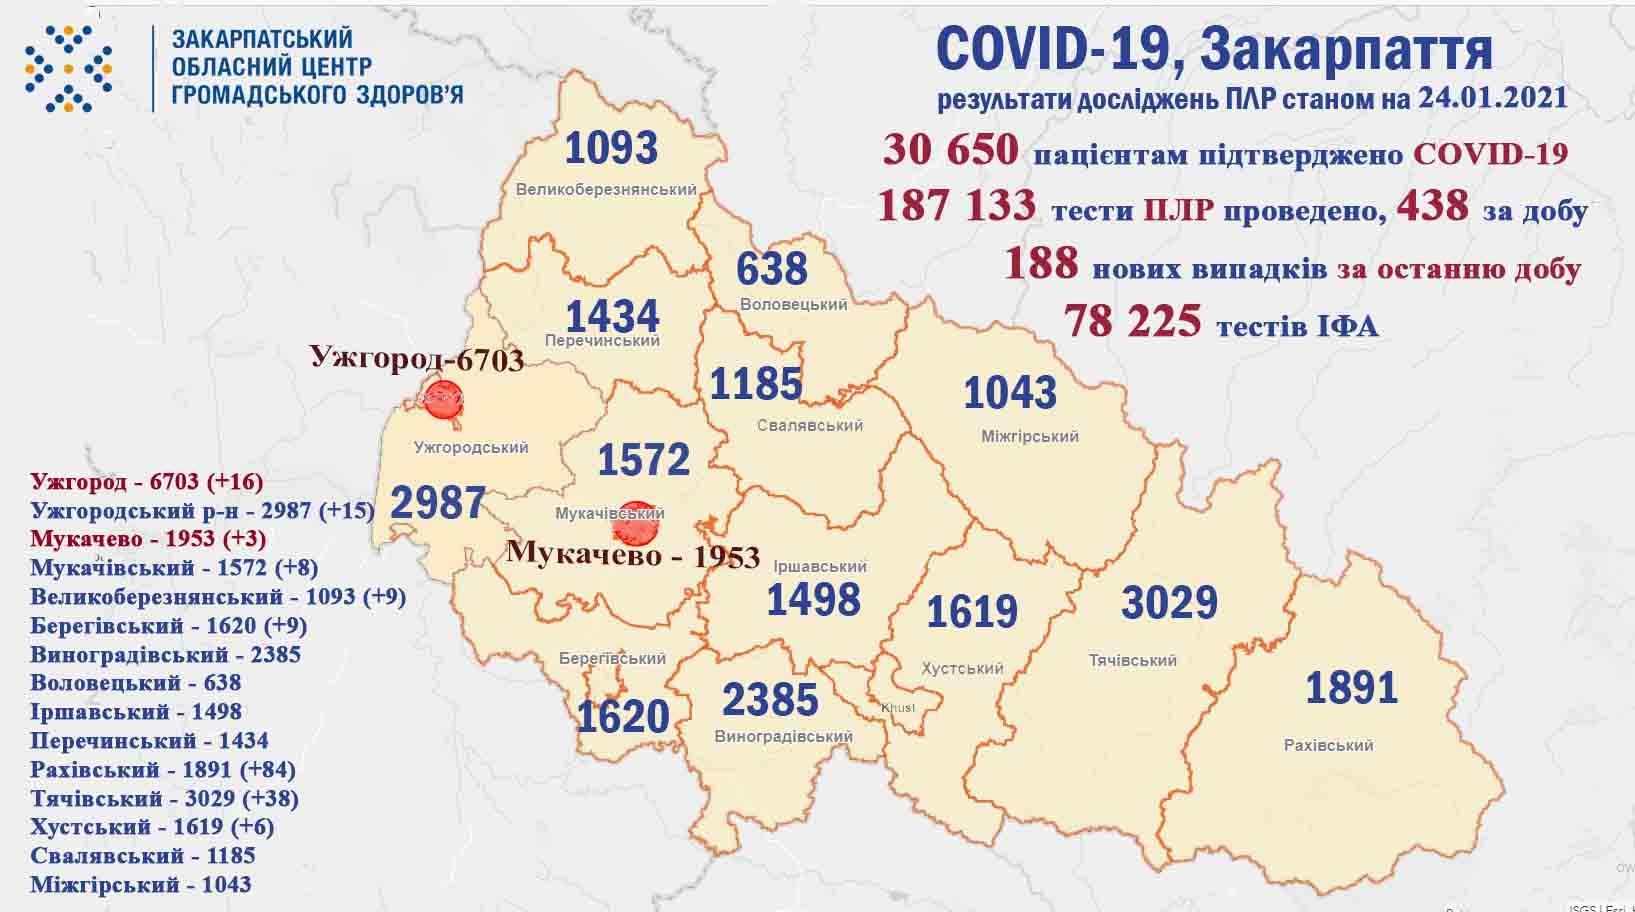 За минулу добу на Закарпатті у 188 пацієнтів підтверджено коронавірус